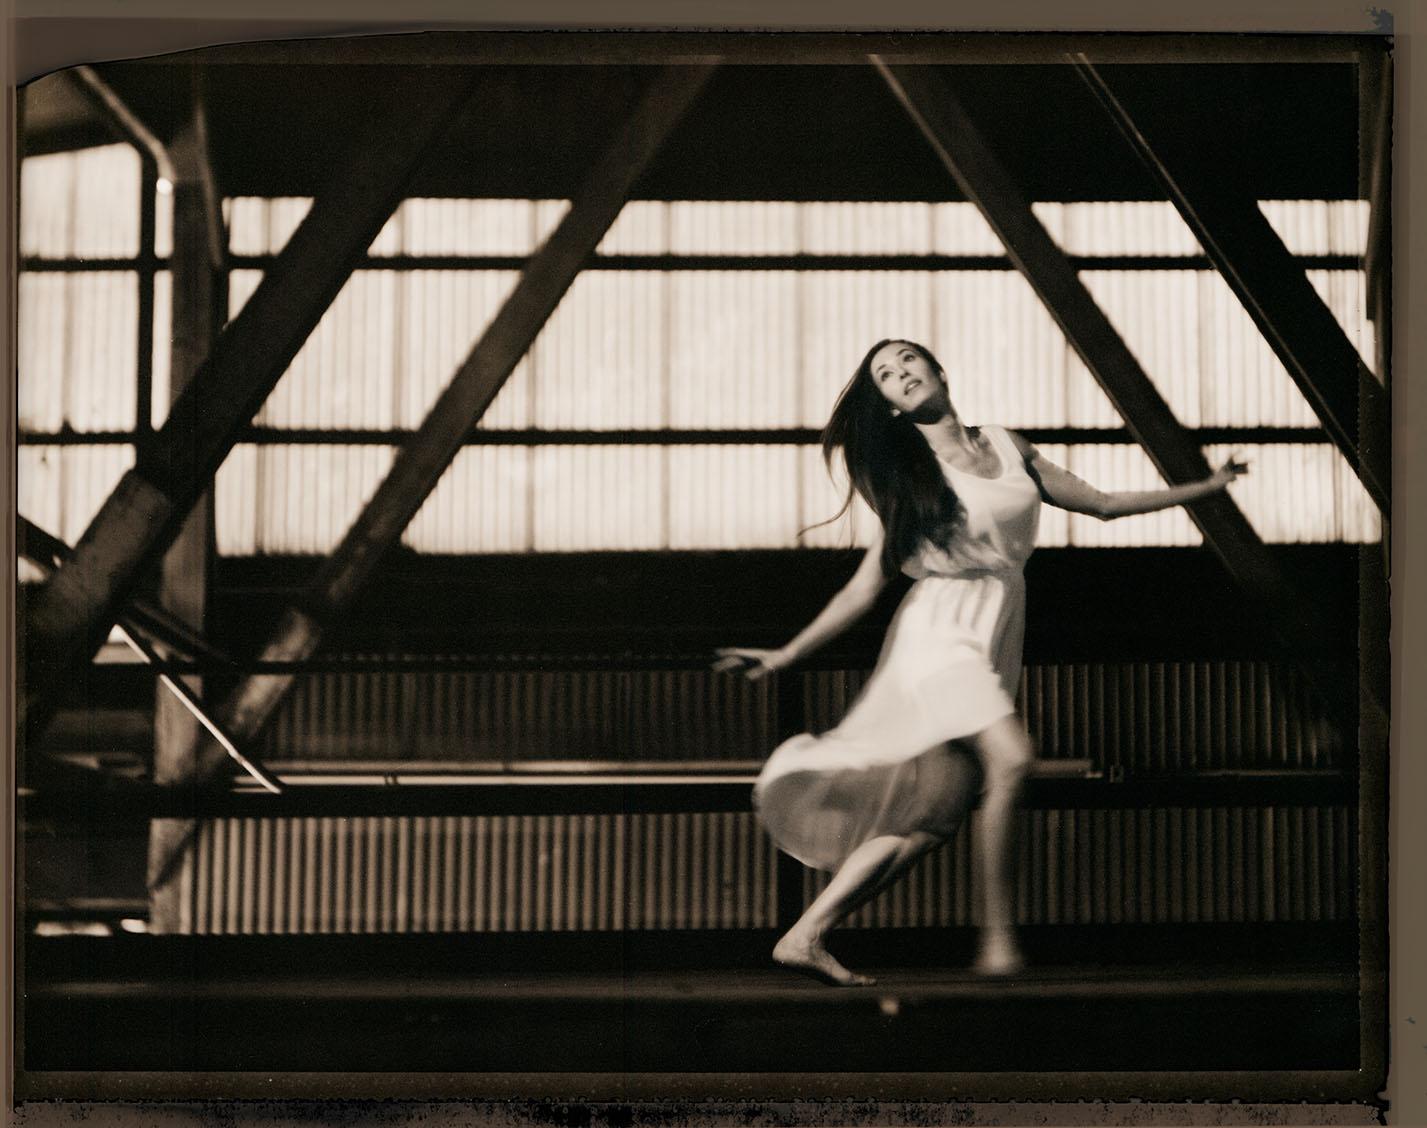 Black and White Sepia Dancer in Attitude Position Studio